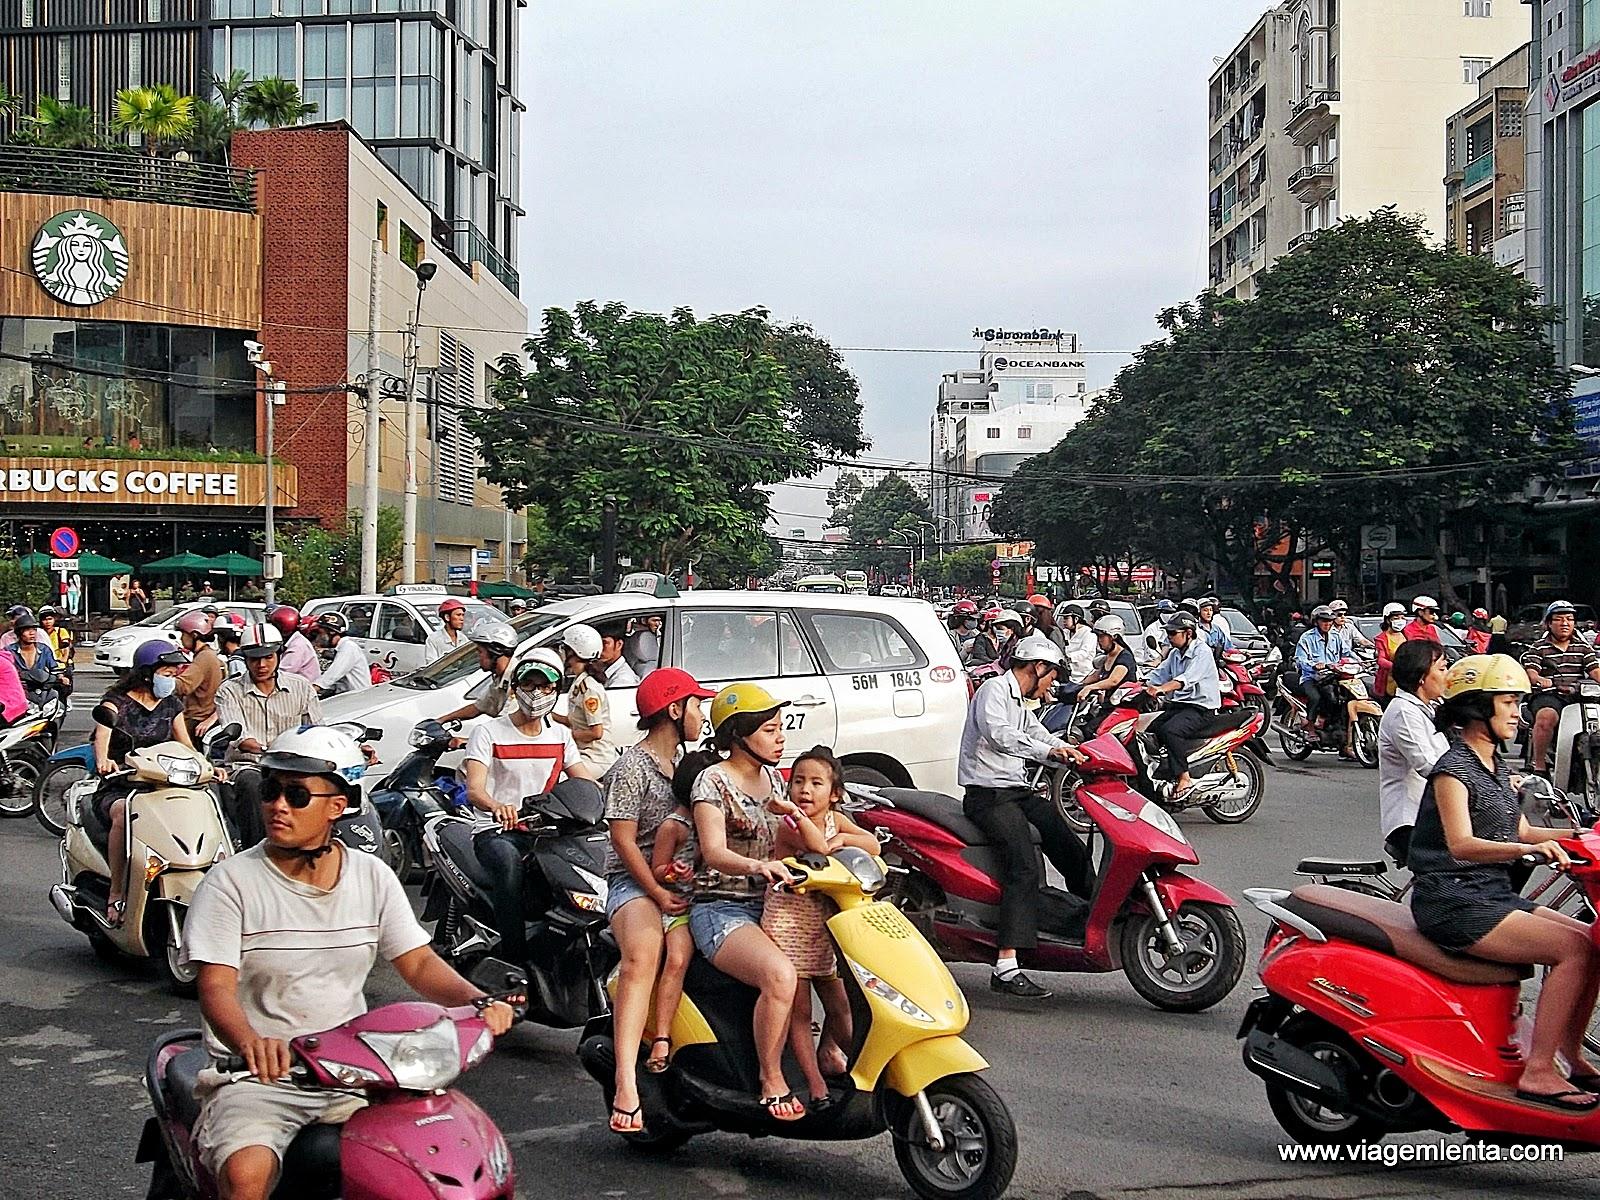 Relato da viagem à Ho Chi Minh, maior cidade do Vietnã, Túneis de Cuchi, museus, guerra, rock e muitos scooters!